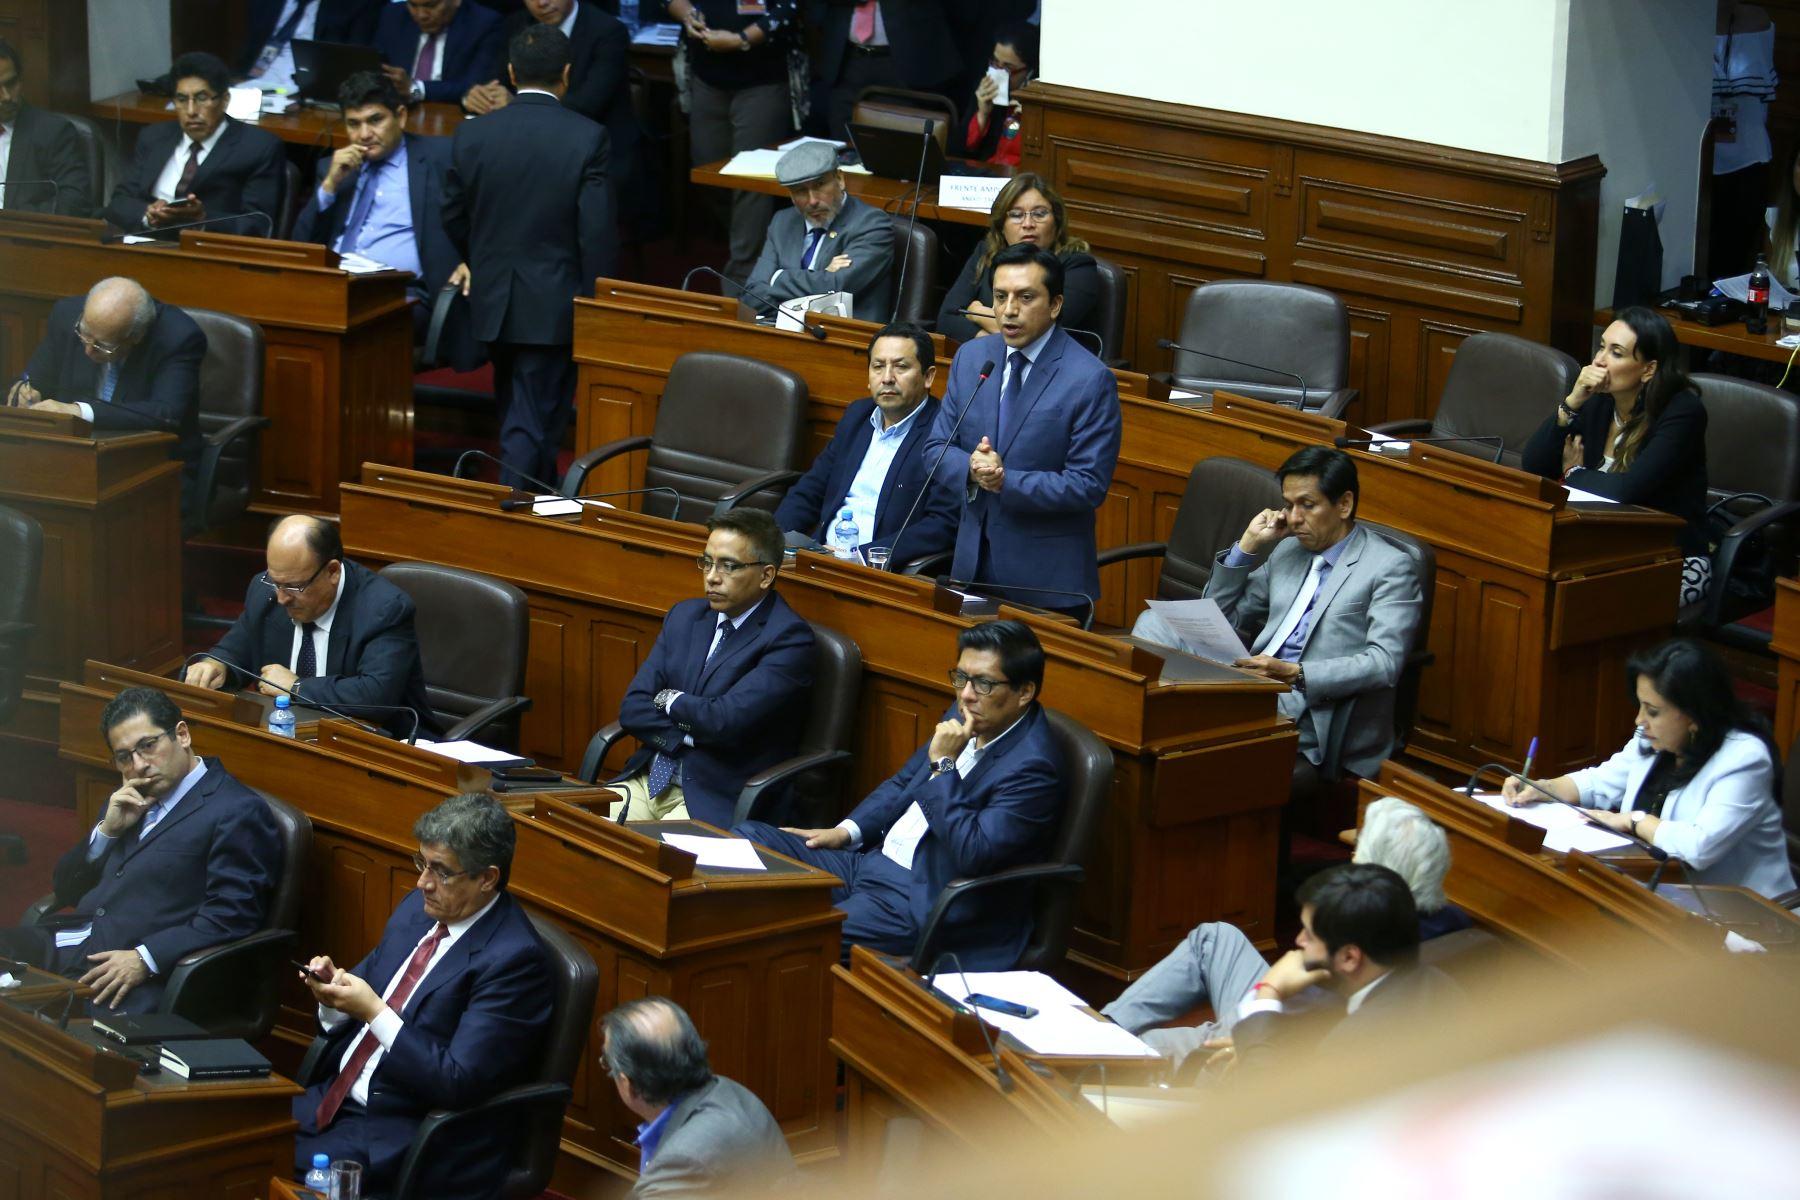 Gilbert Violeta durante su participación en el debate a la aceptación de la carta de renuncia del Presidente Kuczynski. Foto: ANDINA/Melina Mejía